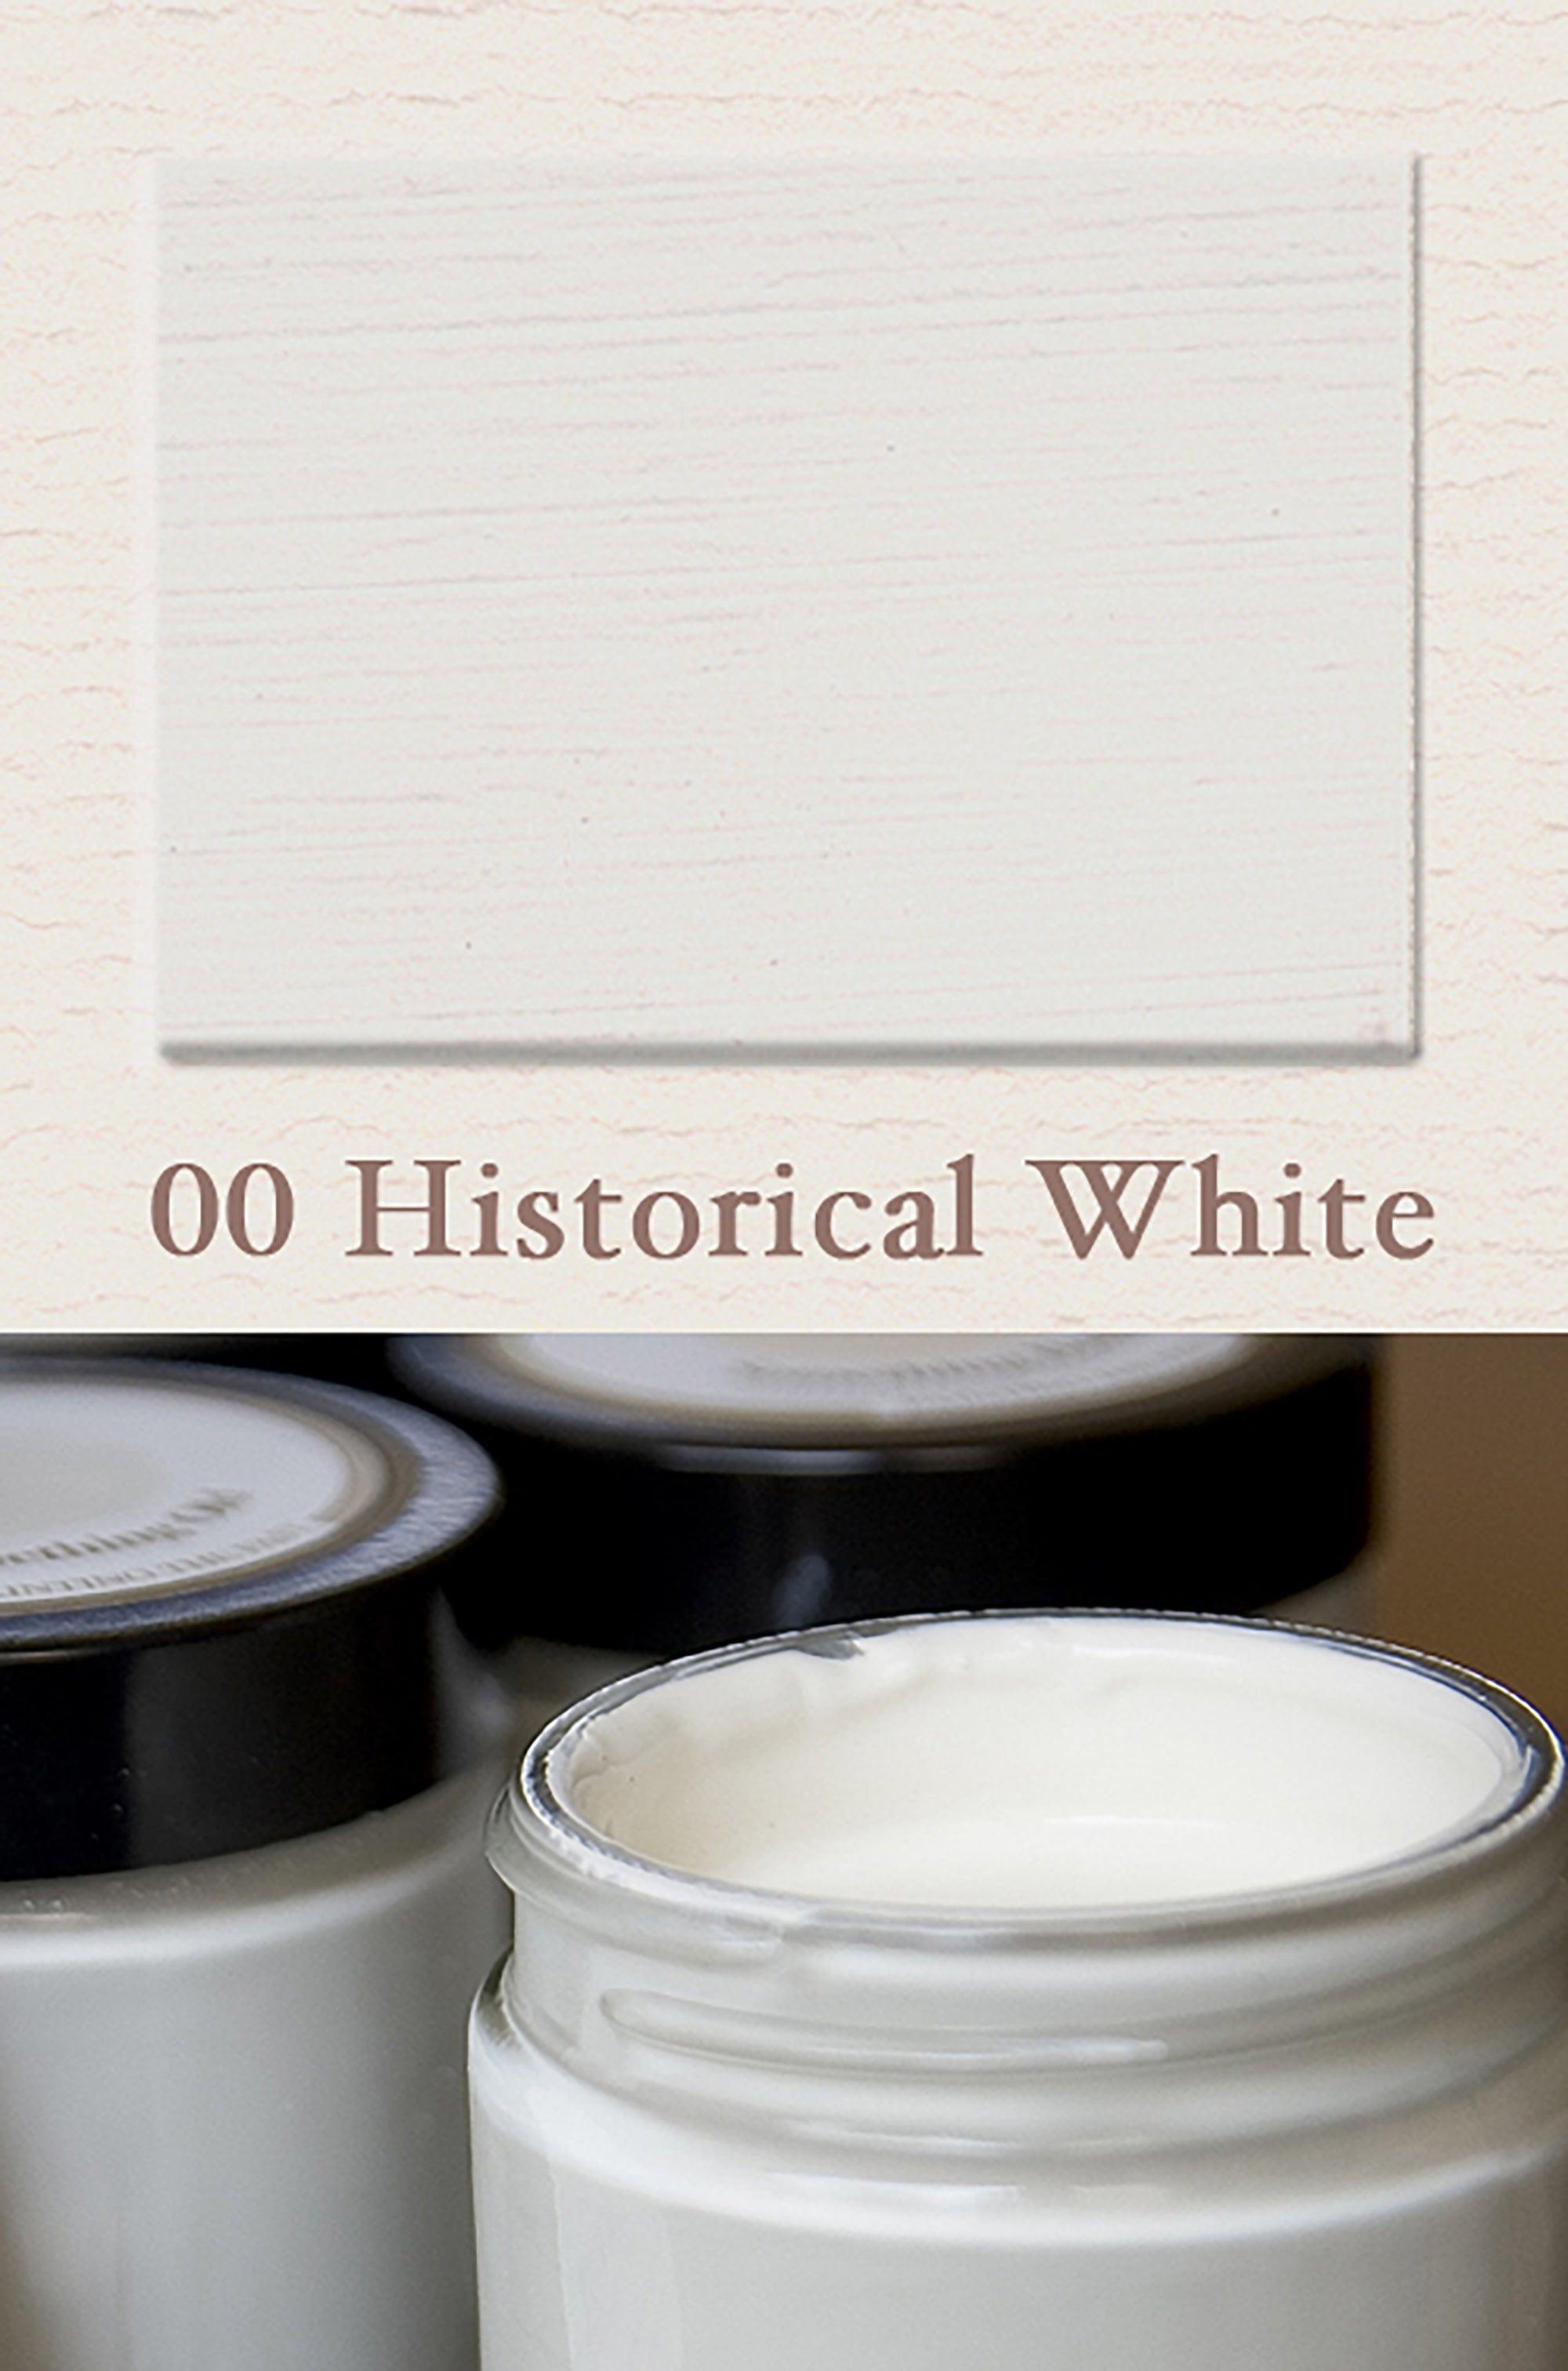 Hiatorical White